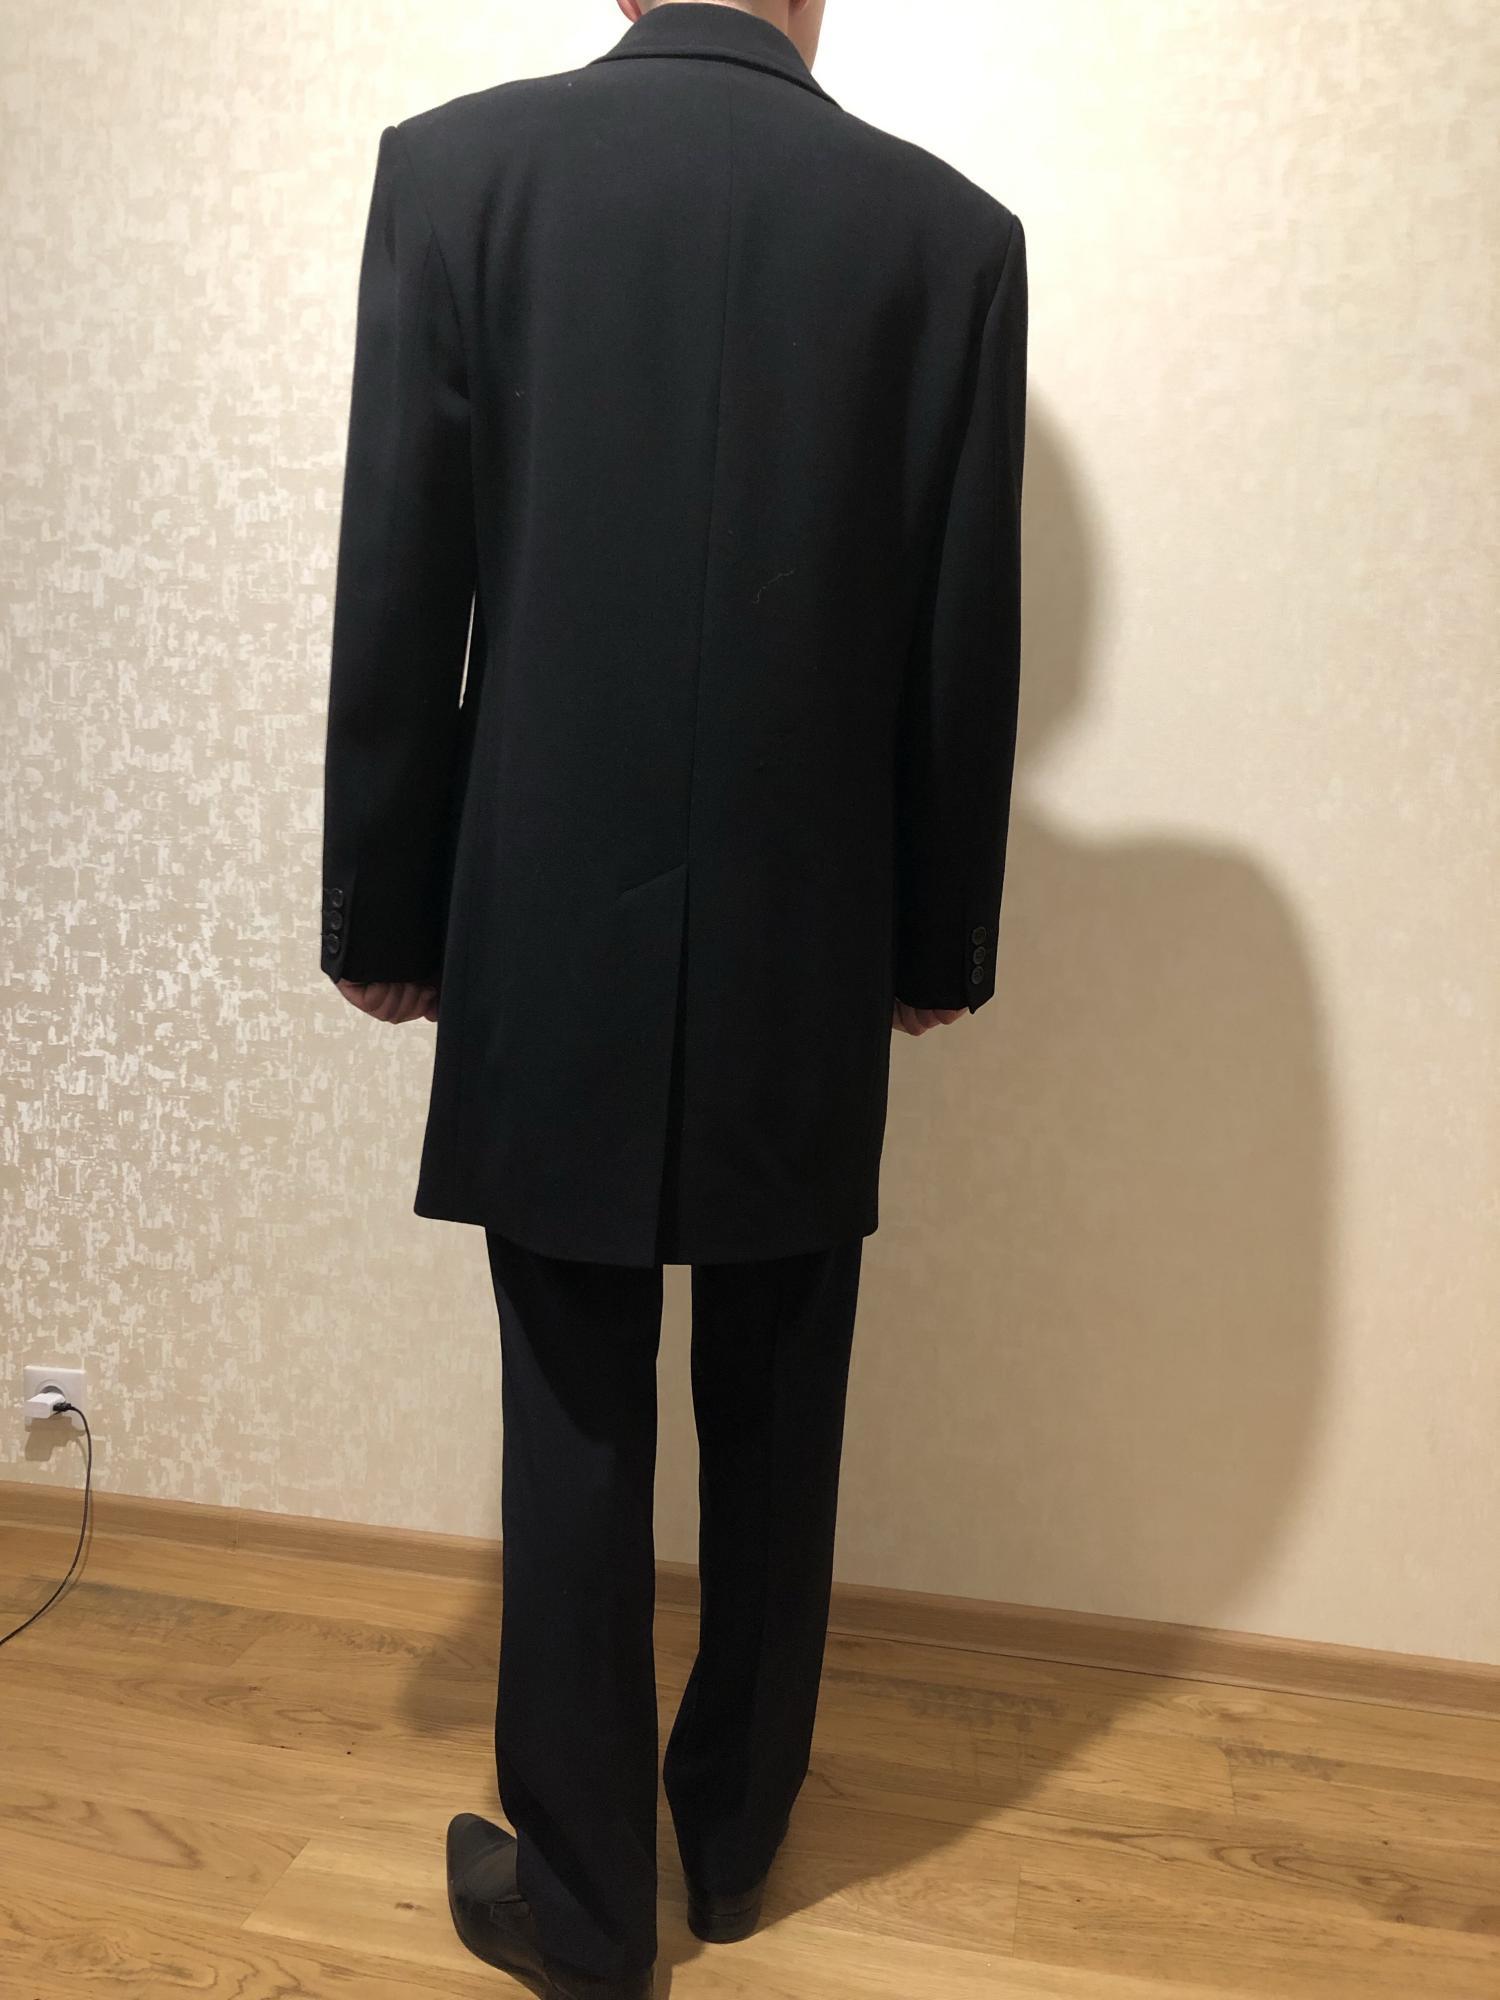 Пальто мужское в Москве 89857140775 купить 2